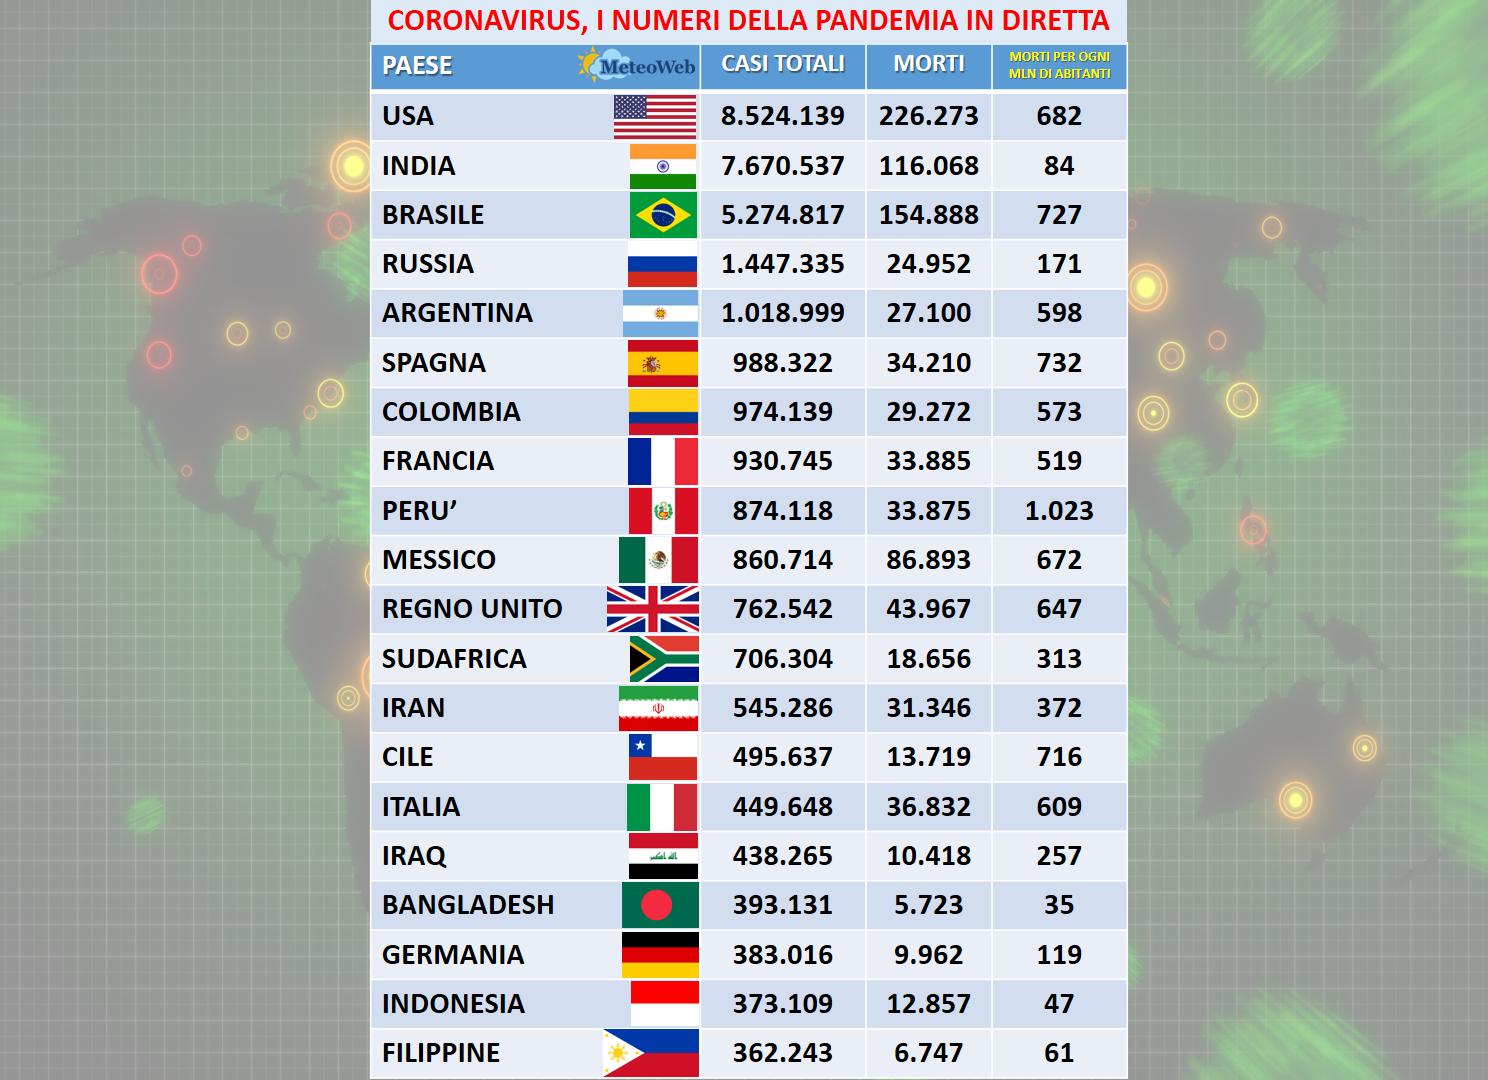 Coronavirus Oggi In Italia 127 Morti E 15 199 Nuovi Casi Quasi Tutti Asintomatici Stabili Ricoveri In Reparti E Terapie Intensive Dati Meteoweb